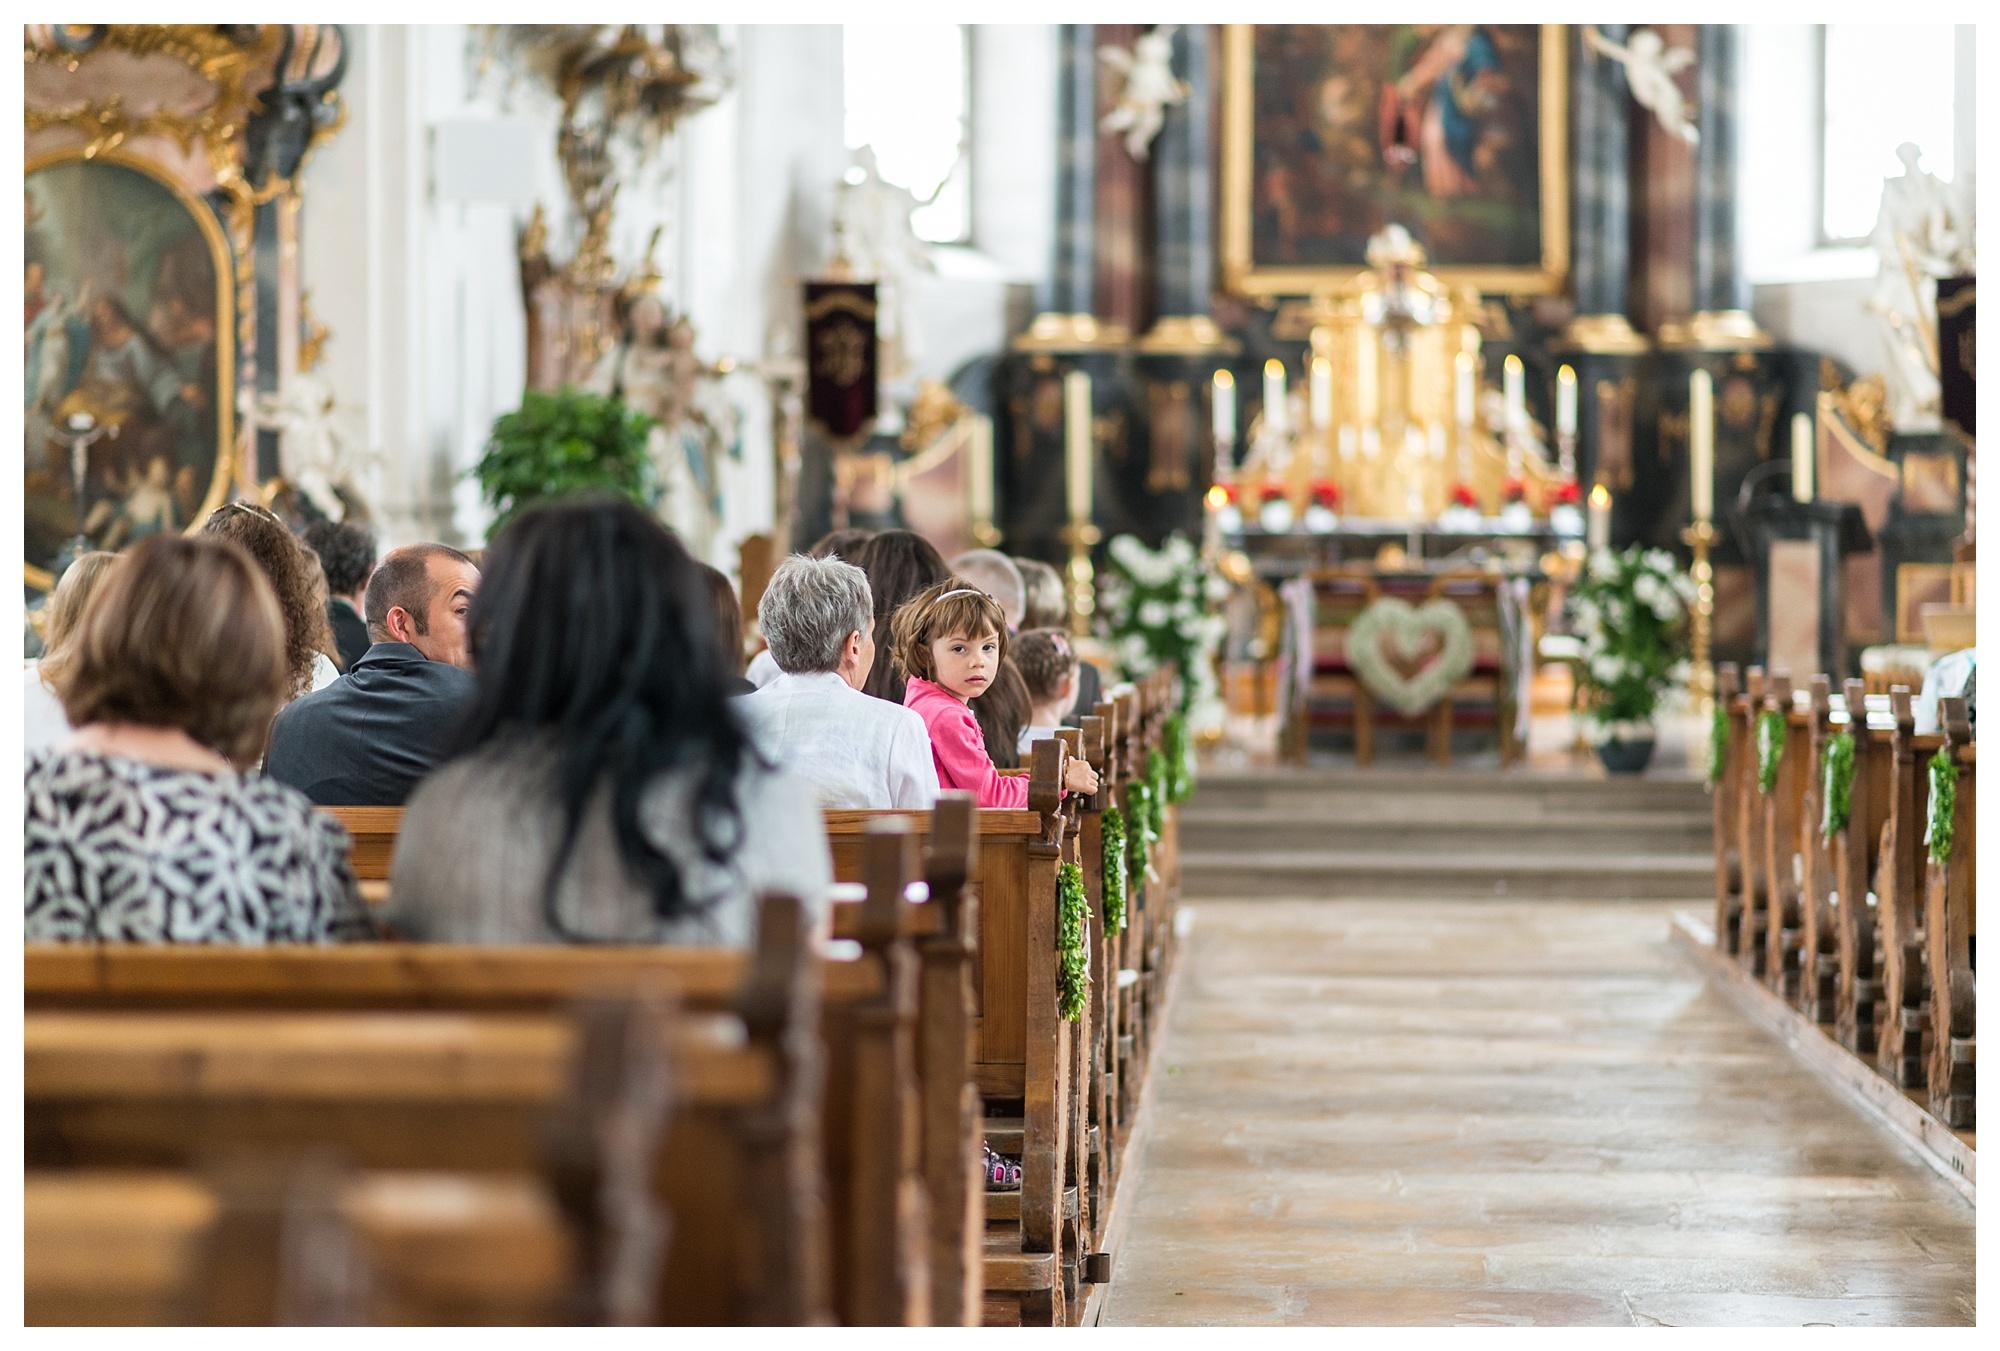 Fotograf Konstanz - Hochzeit Tanja Elmar Elmar Feuerbacher Photography Konstanz Messkirch Highlights 019 - Hochzeitsreportage von Tanja und Elmar im Schloss Meßkirch  - 123 -